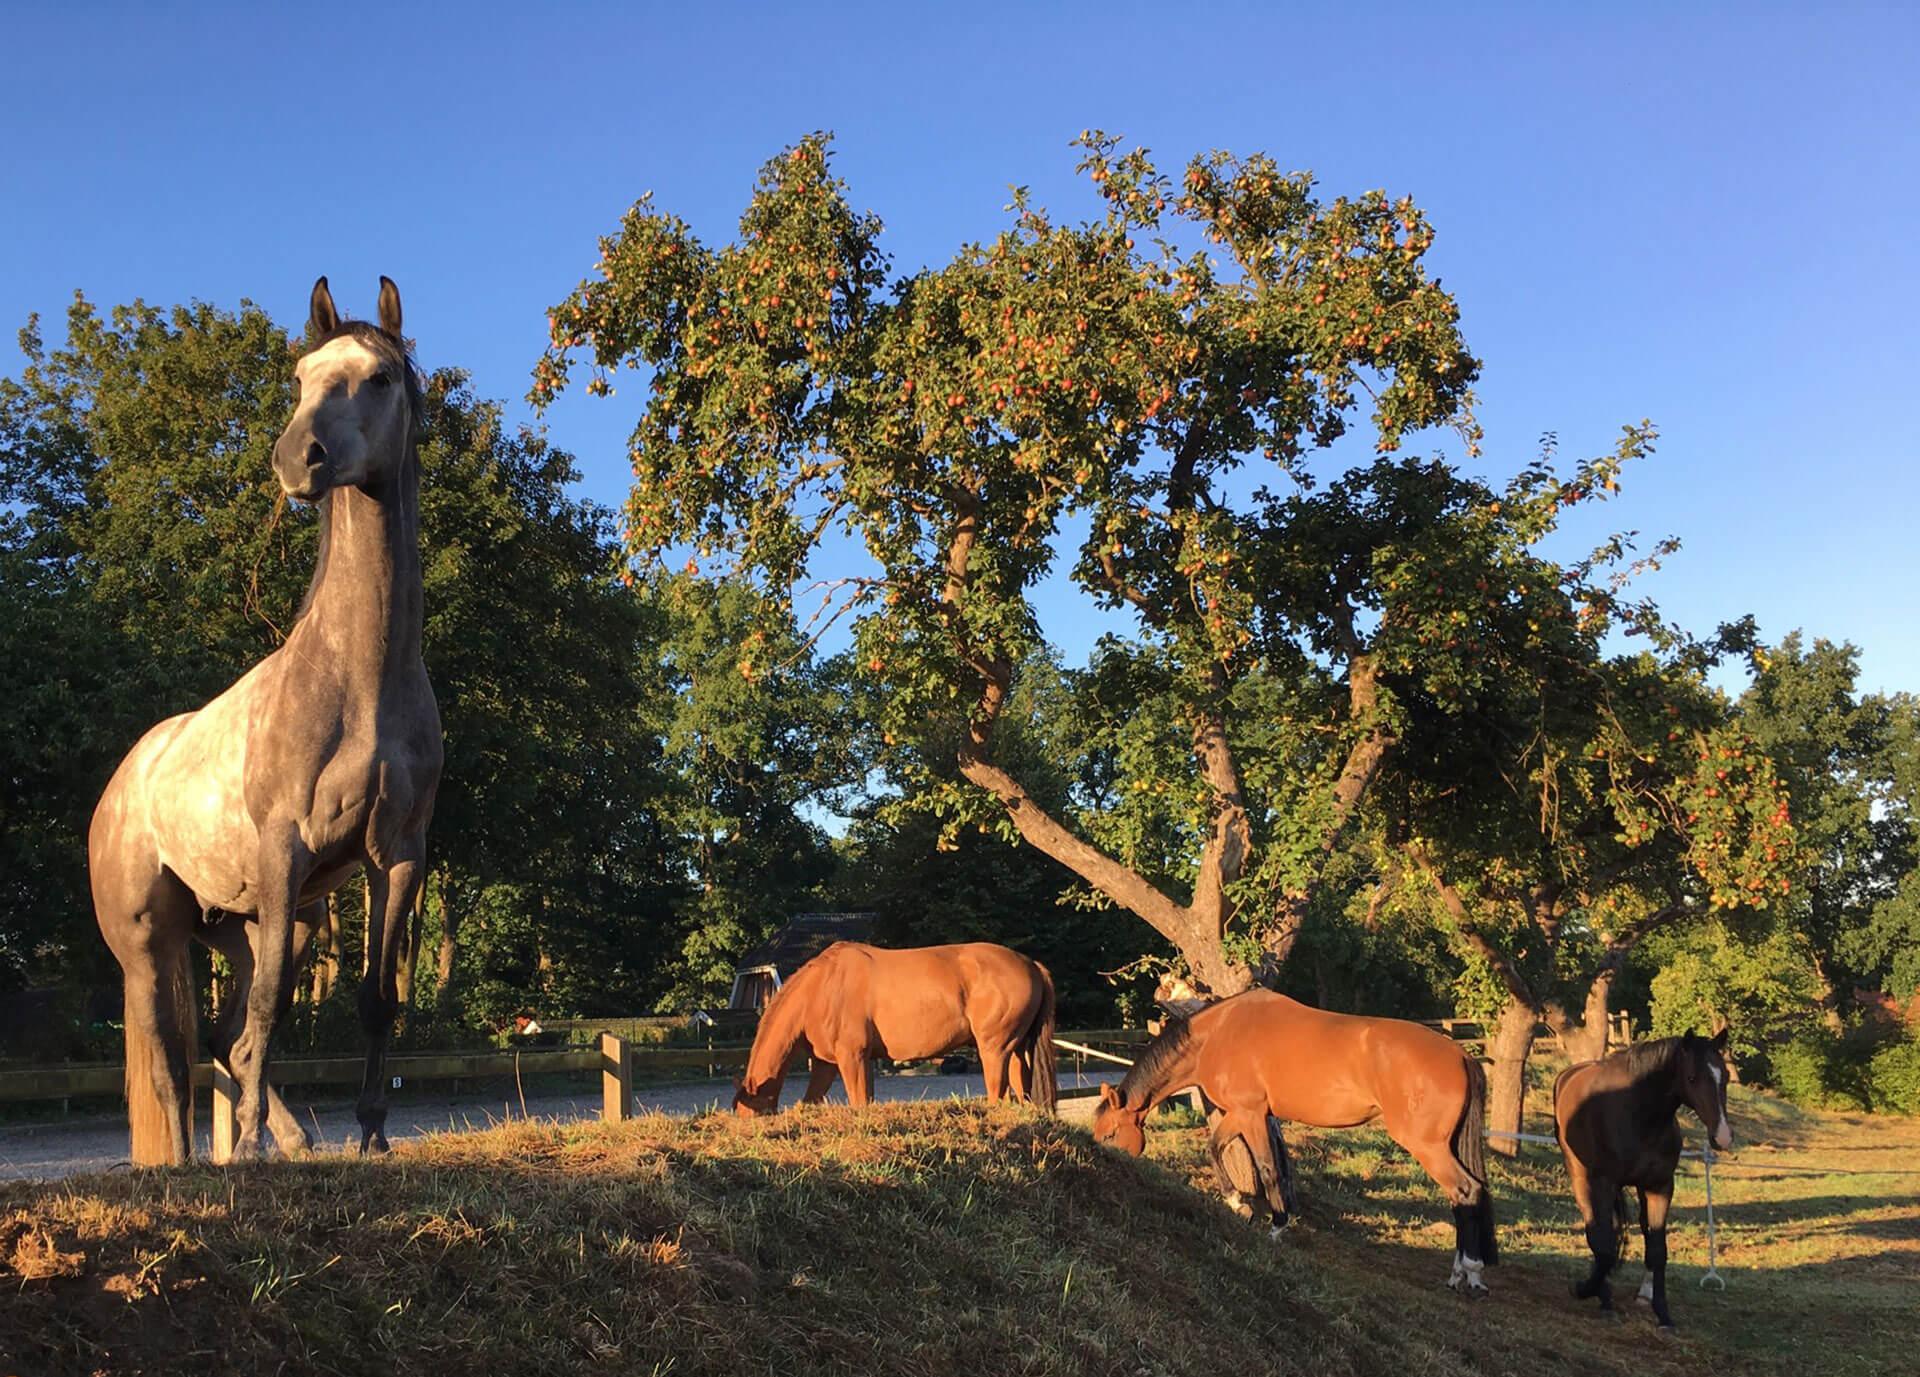 entspannender Urlaub mit Pferden im Reiterhotel in der Lüneburger Heide